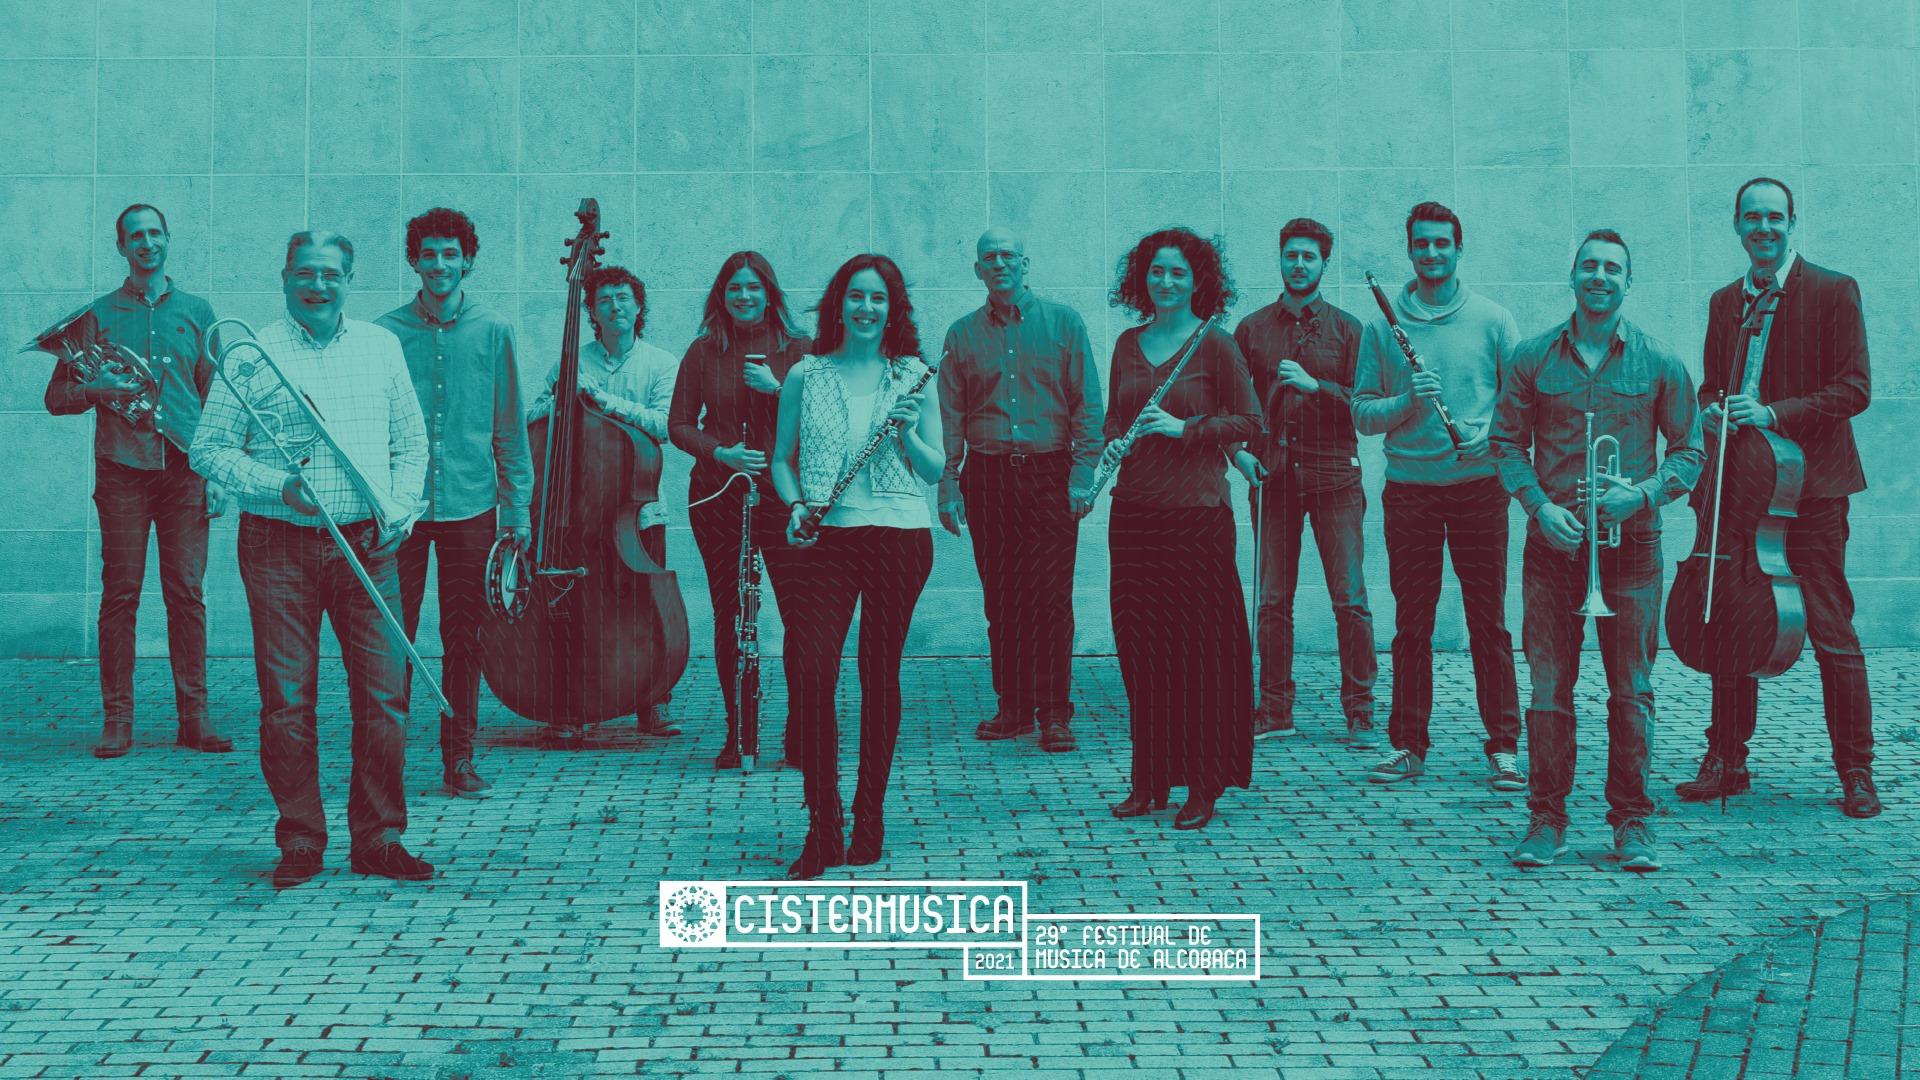 Ensemble Instrumental da Cantábria •  Manuel de Falla 75/95 • Cistermúsica 2021